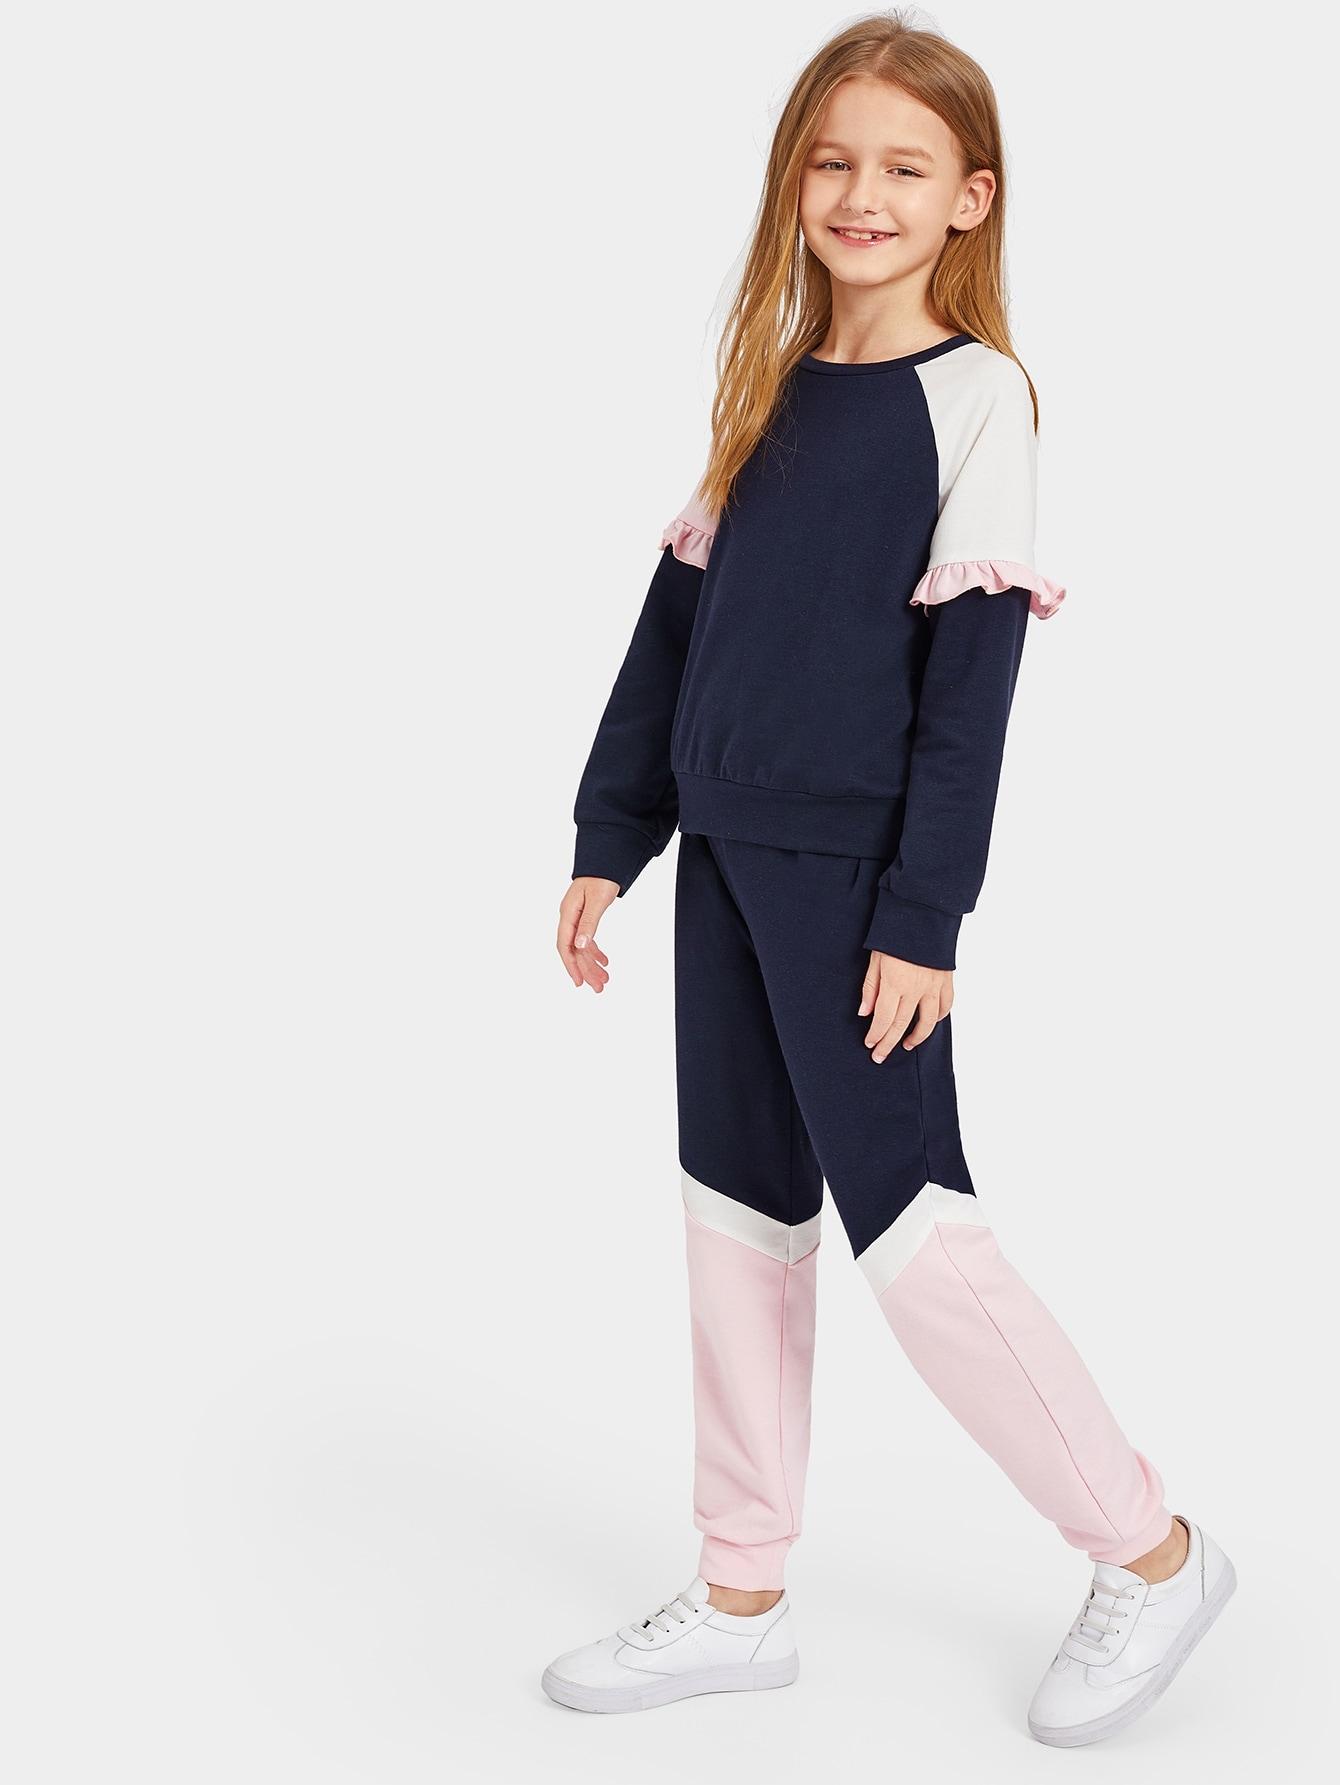 Двухцветный свитшот со складкой м спортивные брюки для девочек от SheIn